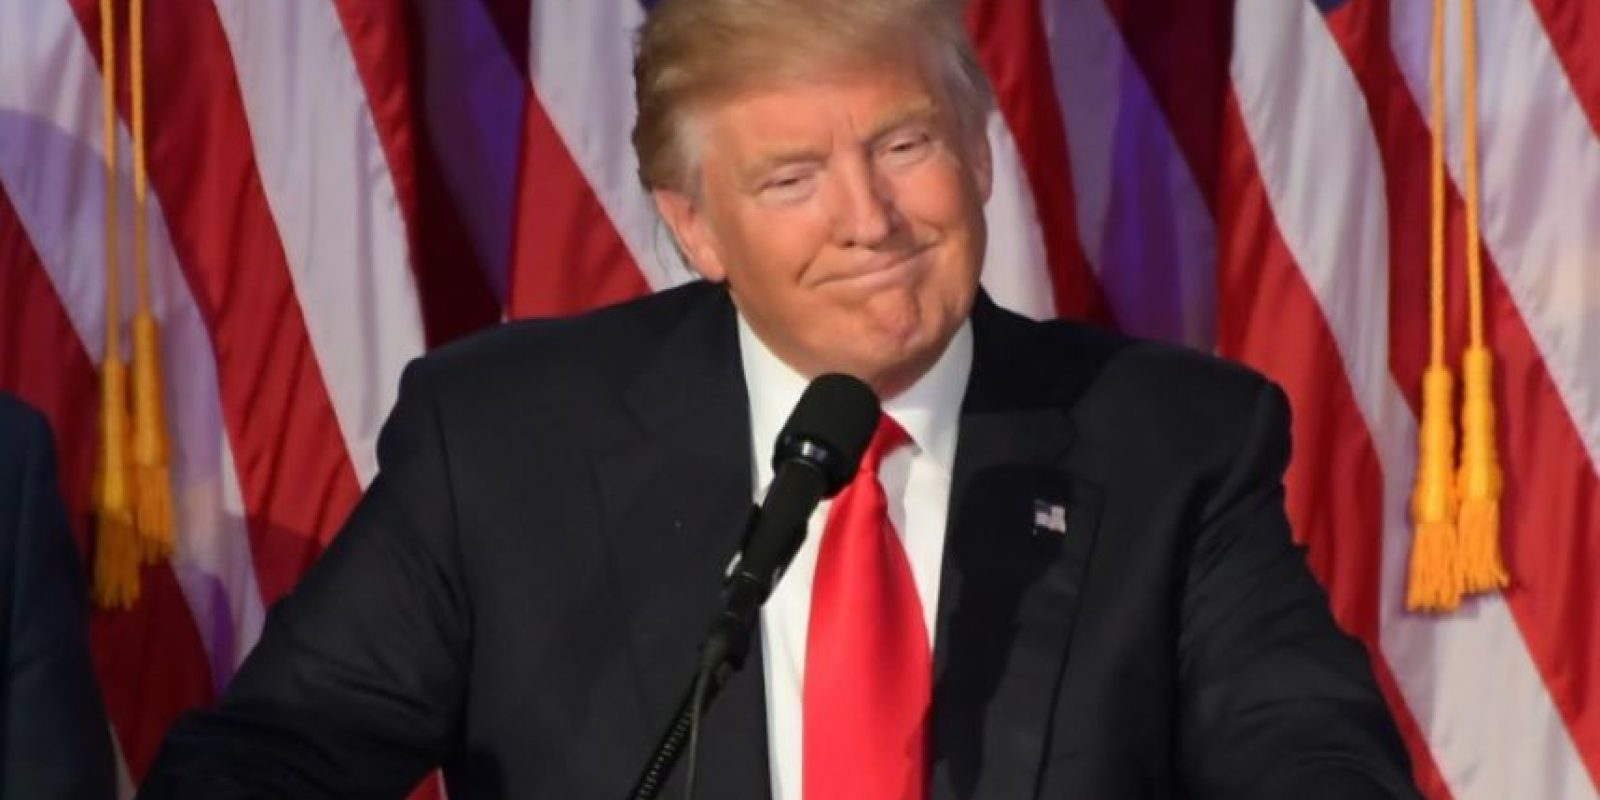 El presidente electo de EEUU, Donald Trump, comparece para hablar de su victoria electoral el 9 de noviembre de 2016 en Nueva York Foto:Jim Watson/afp.com